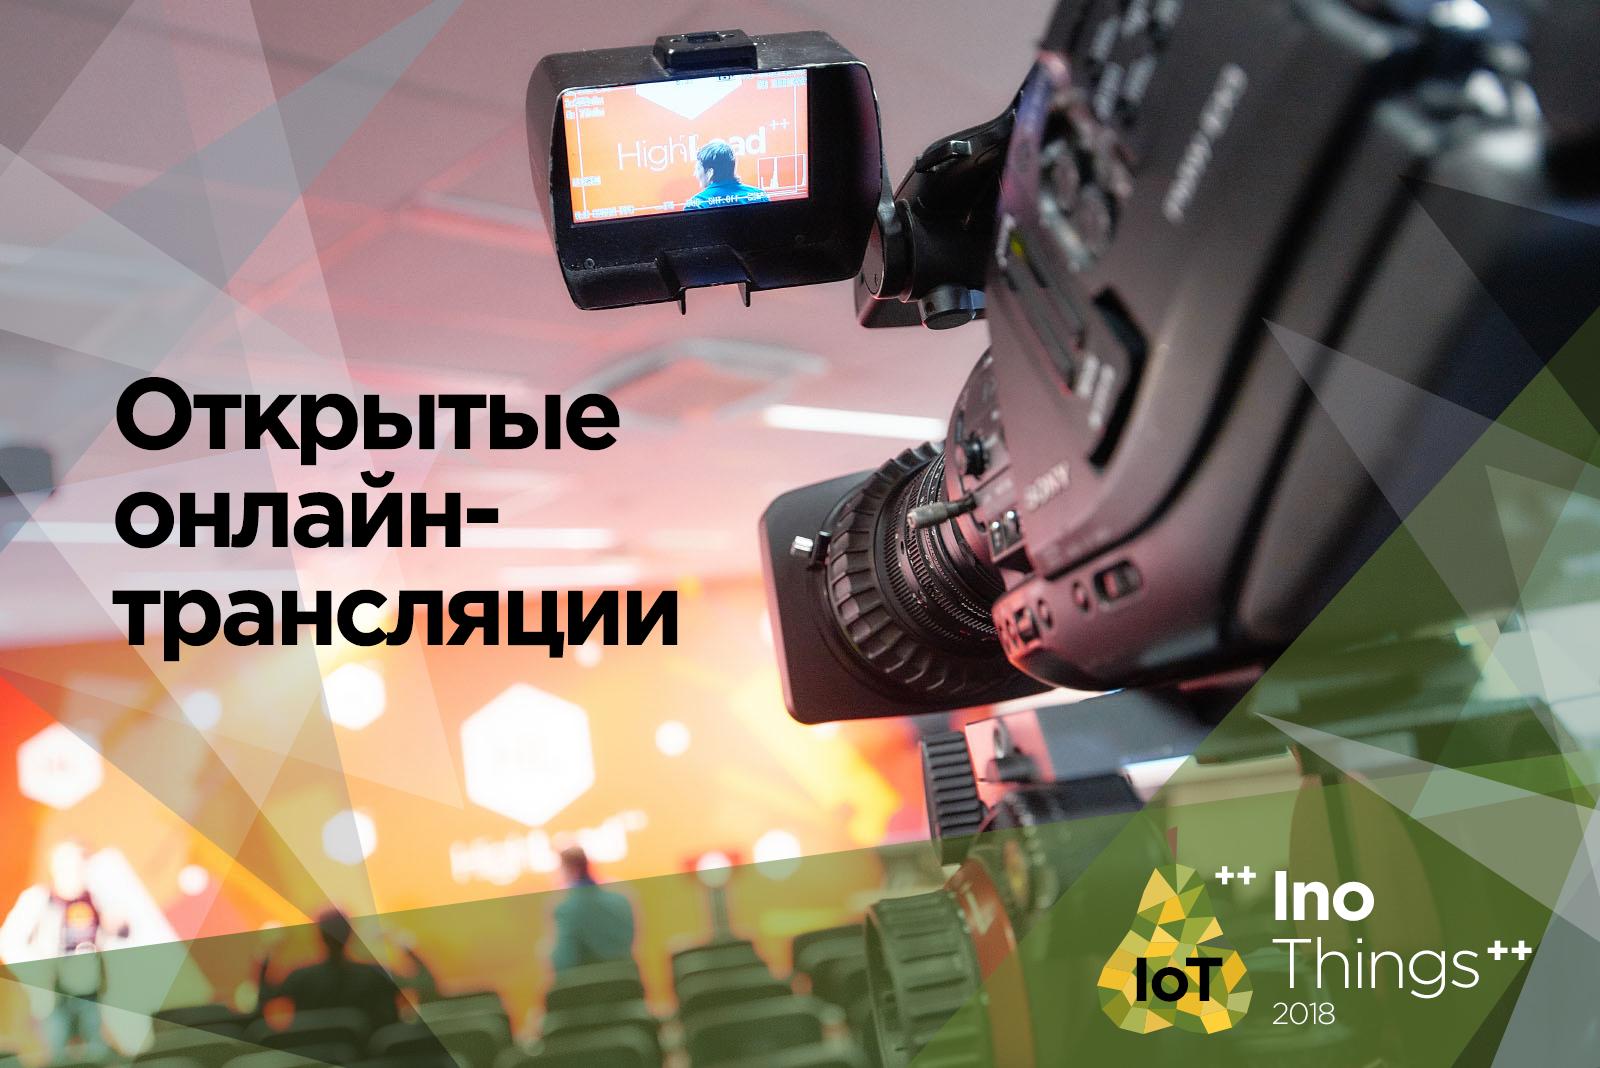 Трансляция конференции об интернете вещей InoThings++